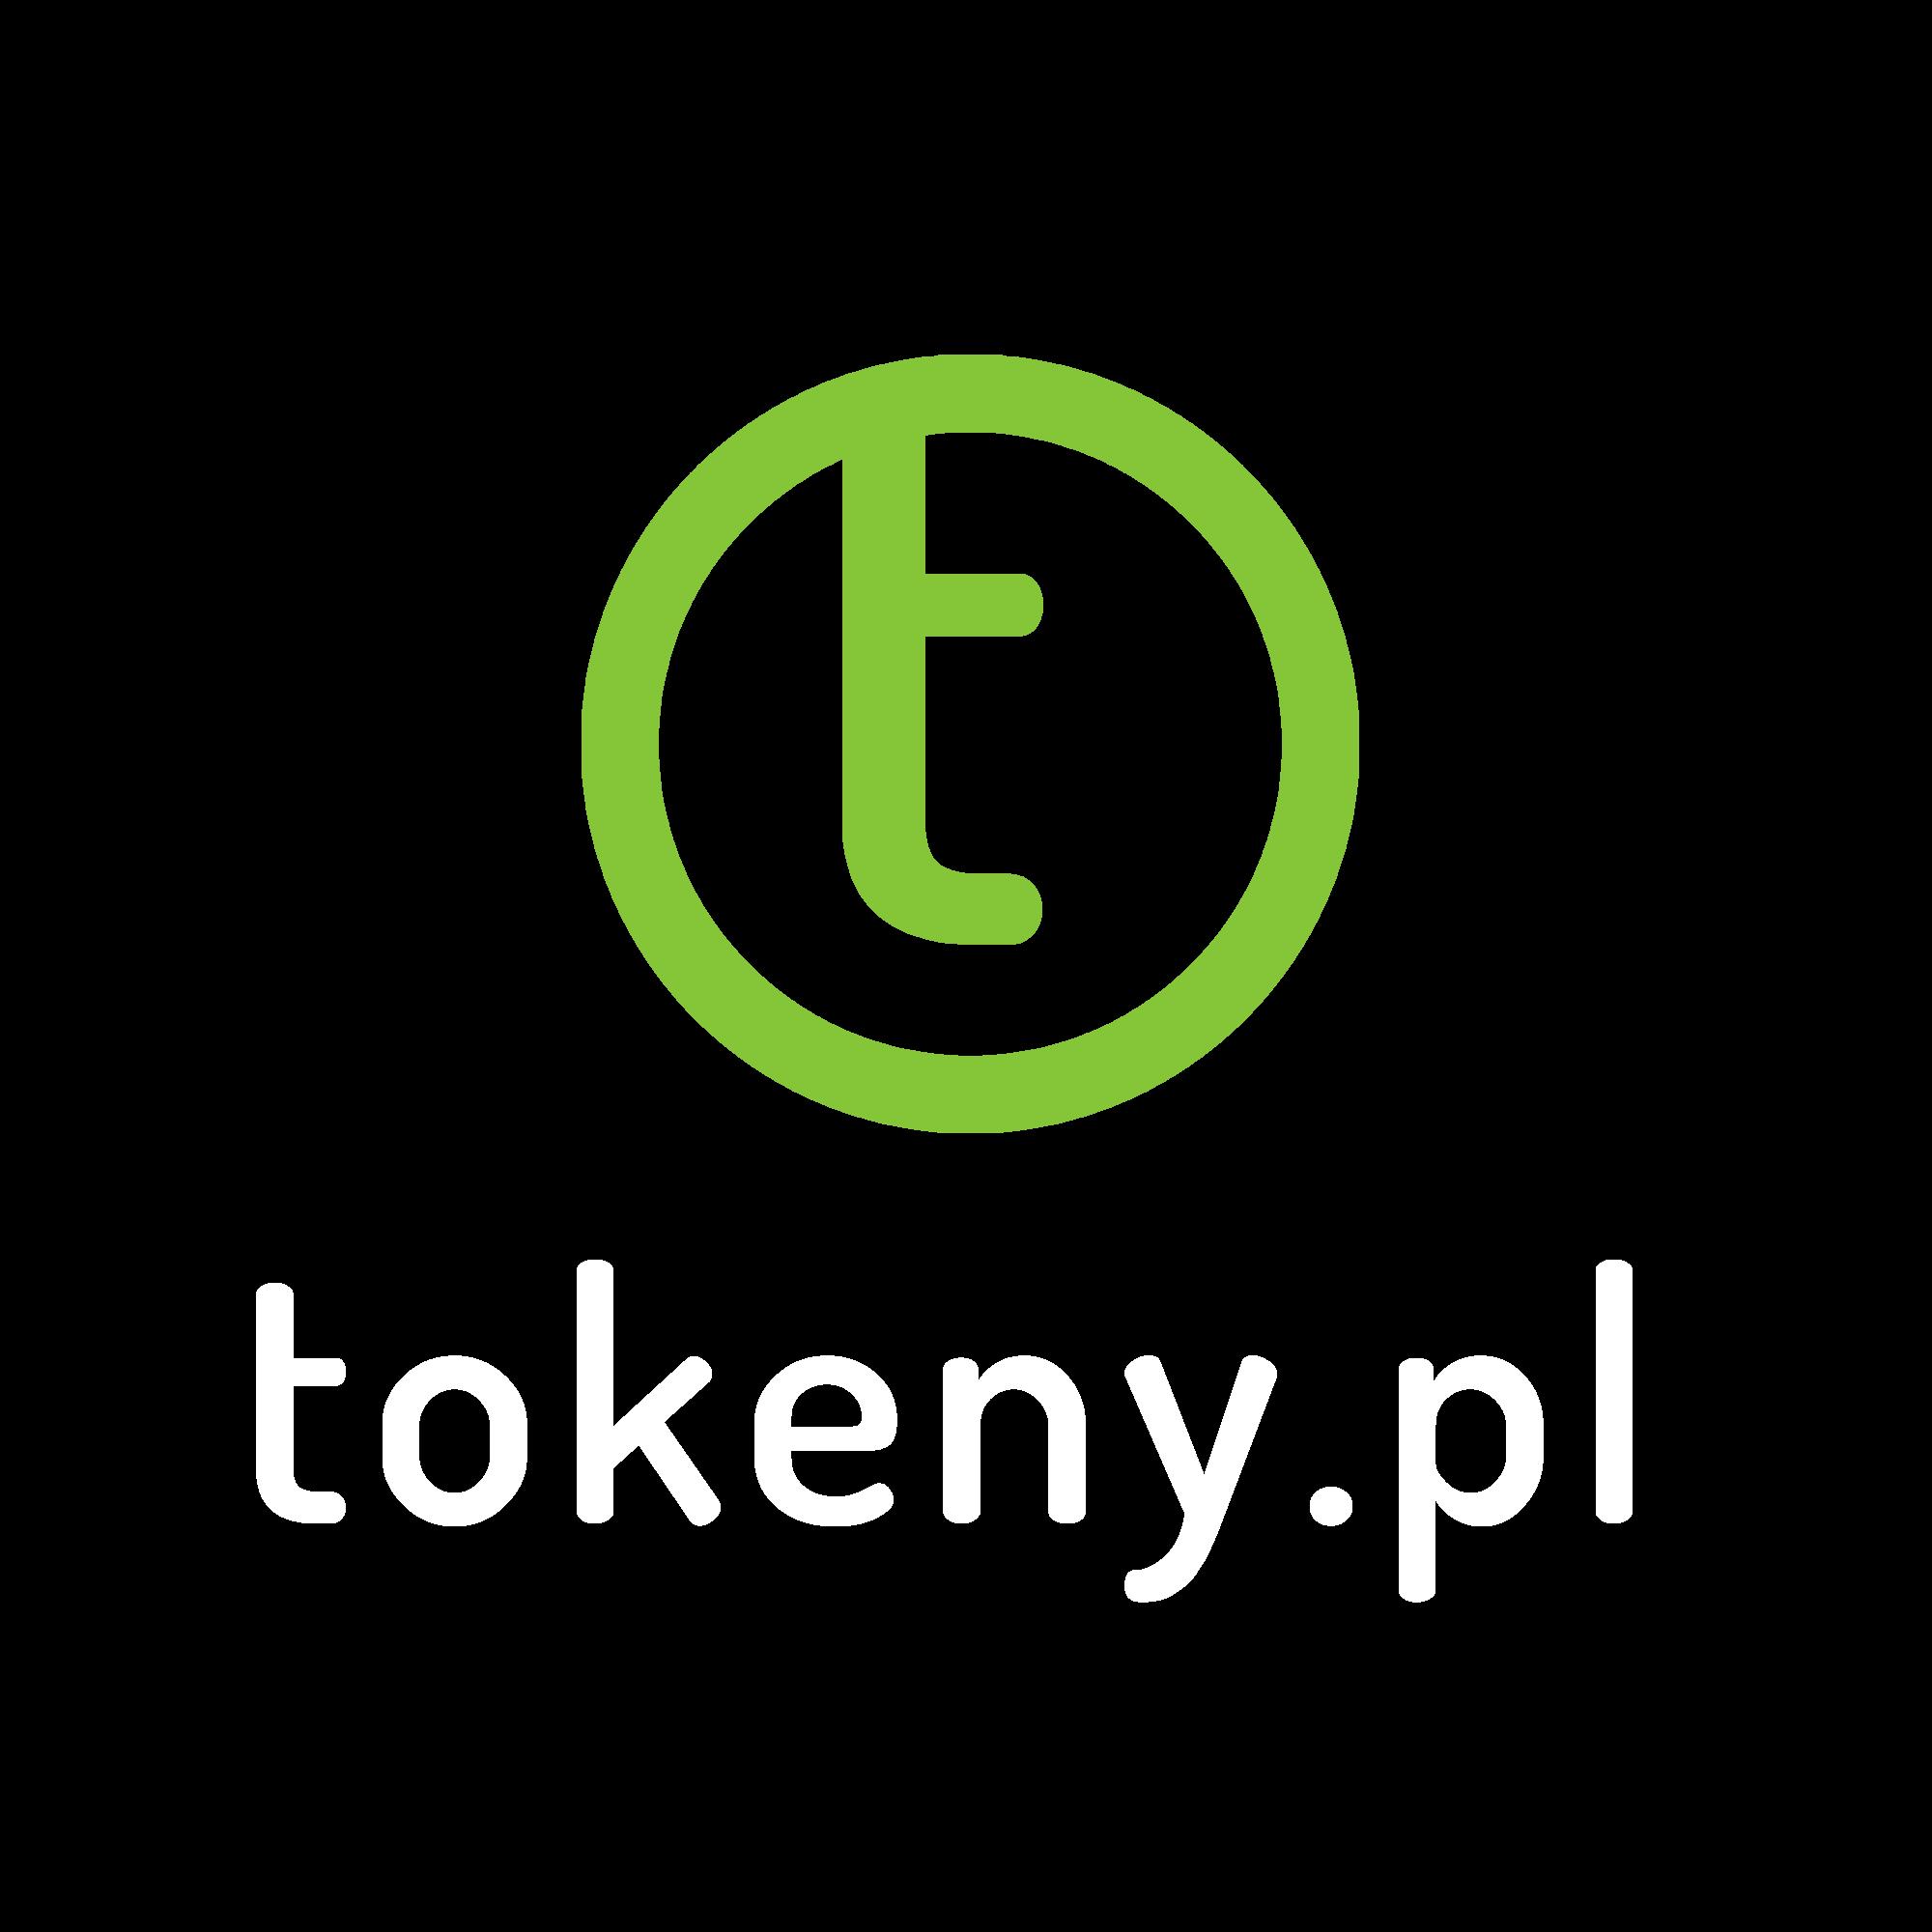 tokeny.pl logo